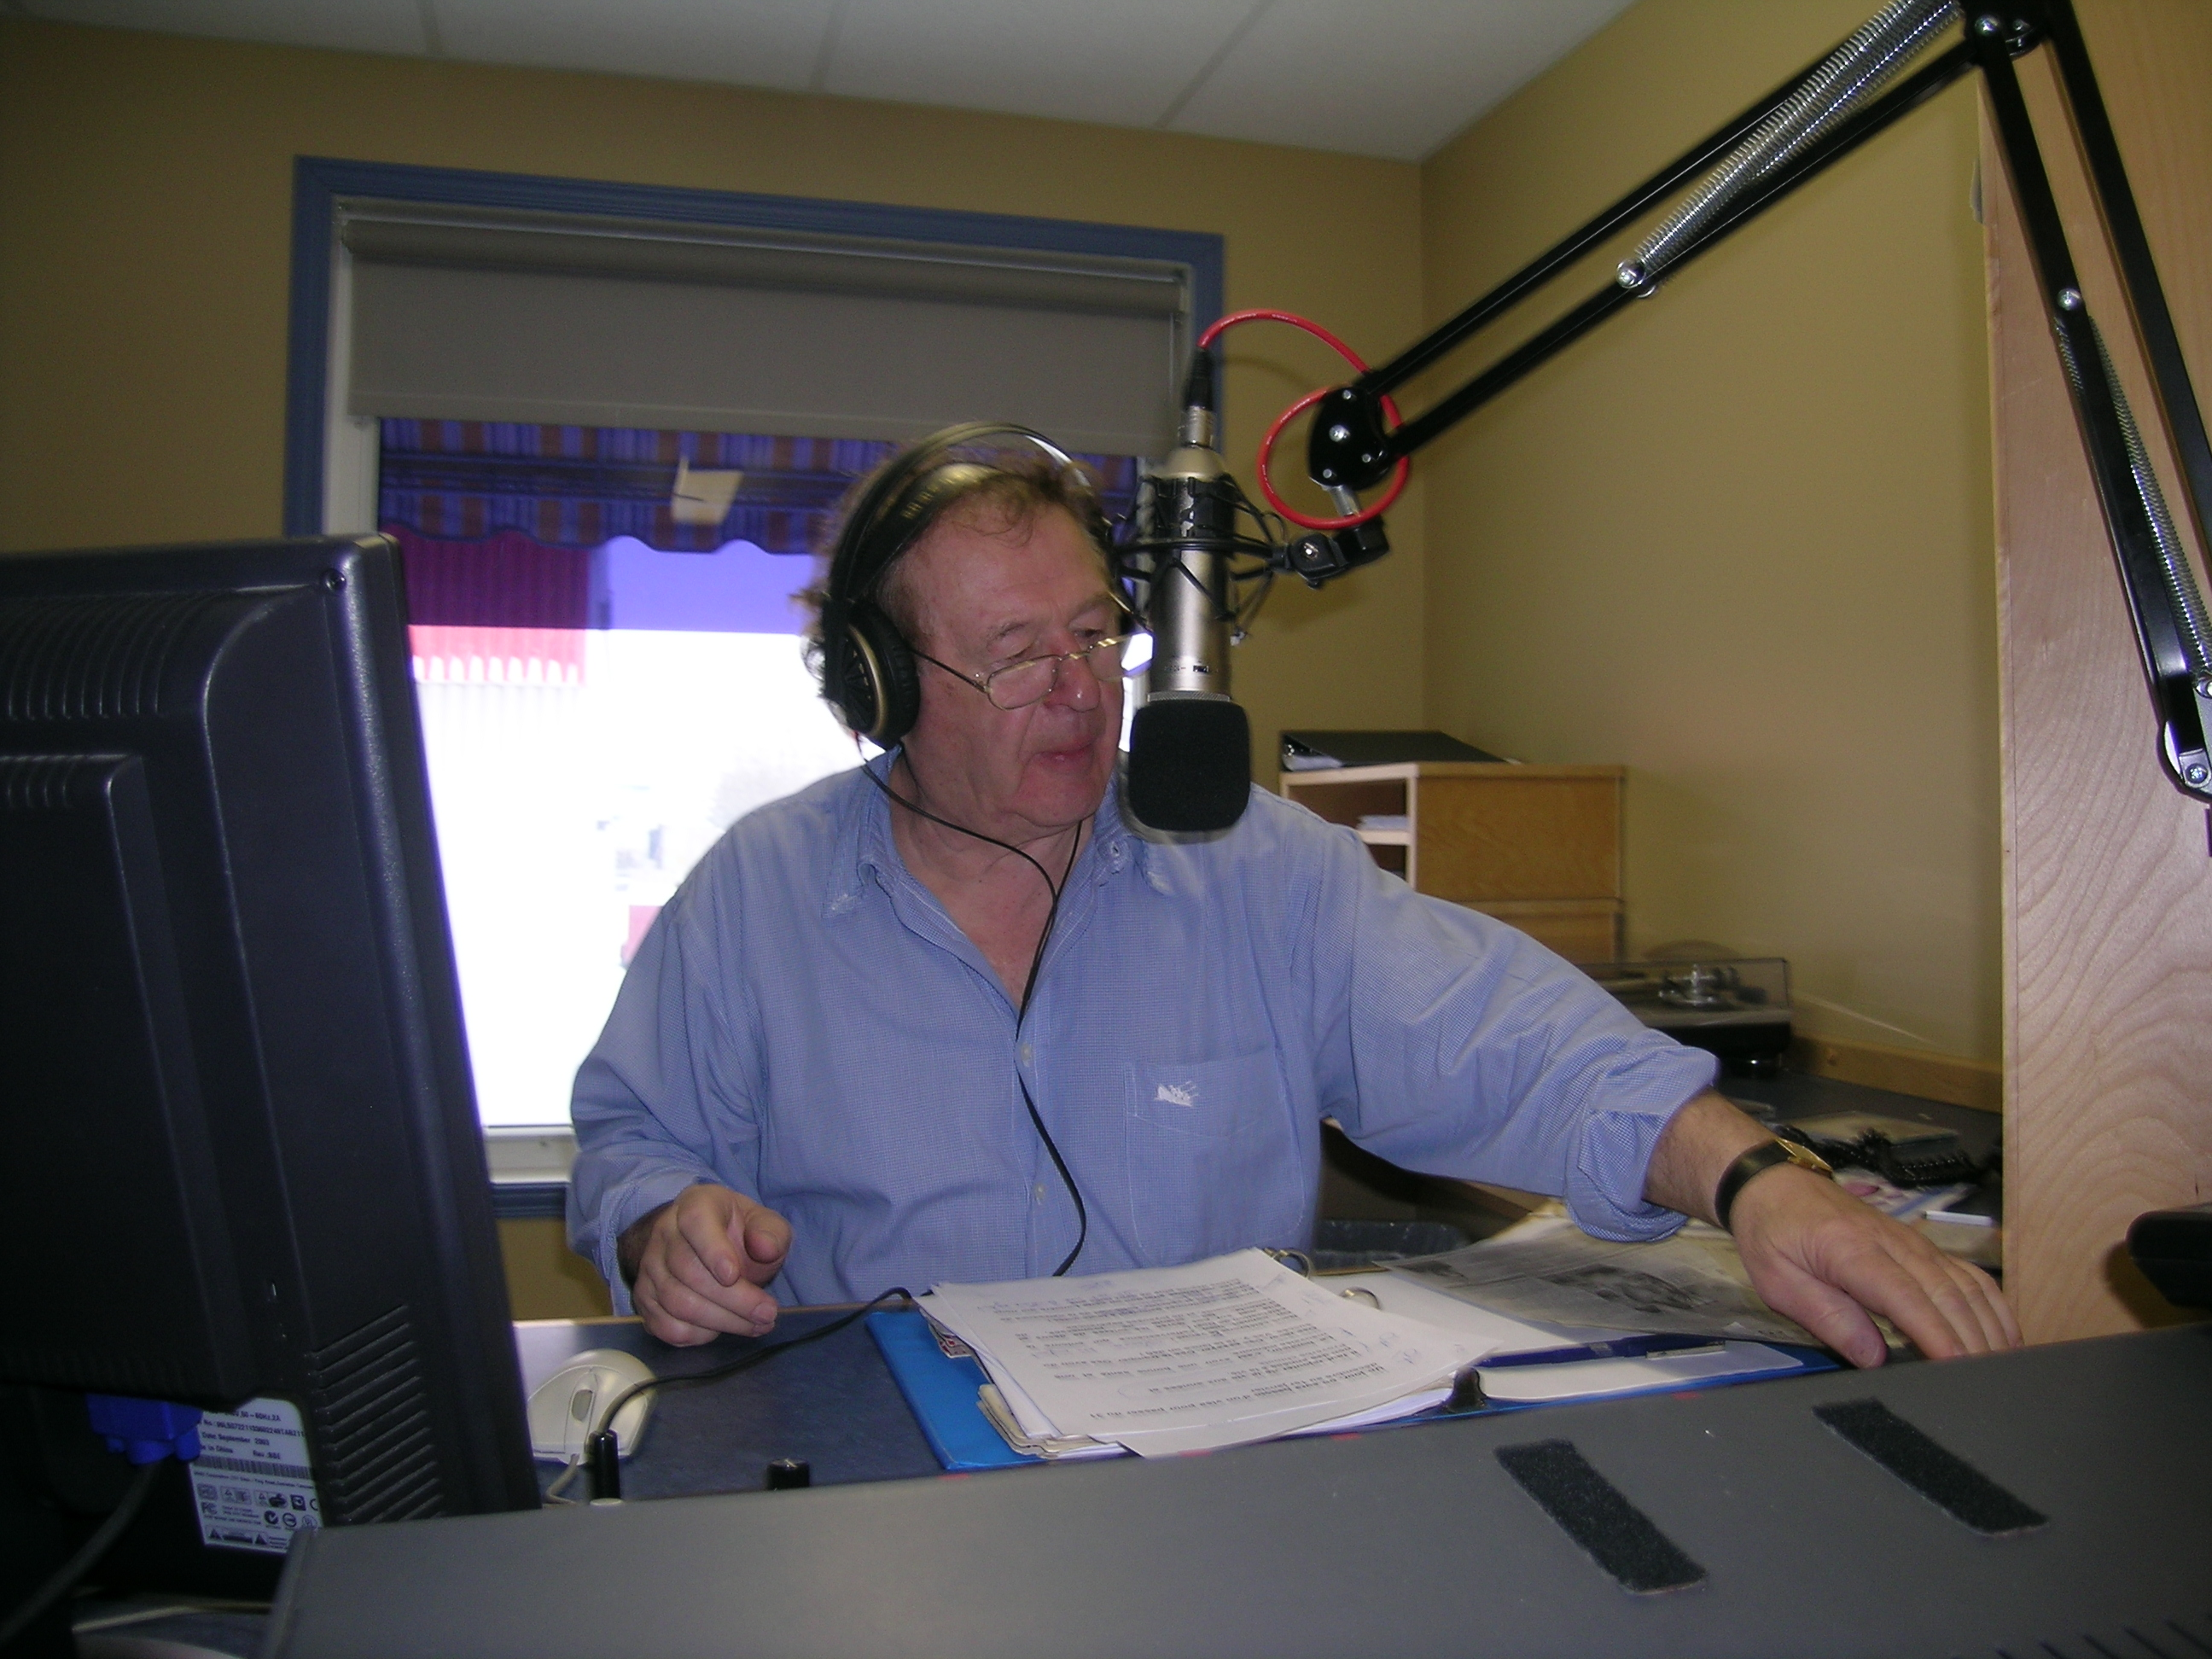 Que ce soit à CJBR radio-télé, CFER-TV, CFLP, CKMN, Jean Brisson a toujours eu cette passion d'informer, de divertir et de communiquer avec son public.